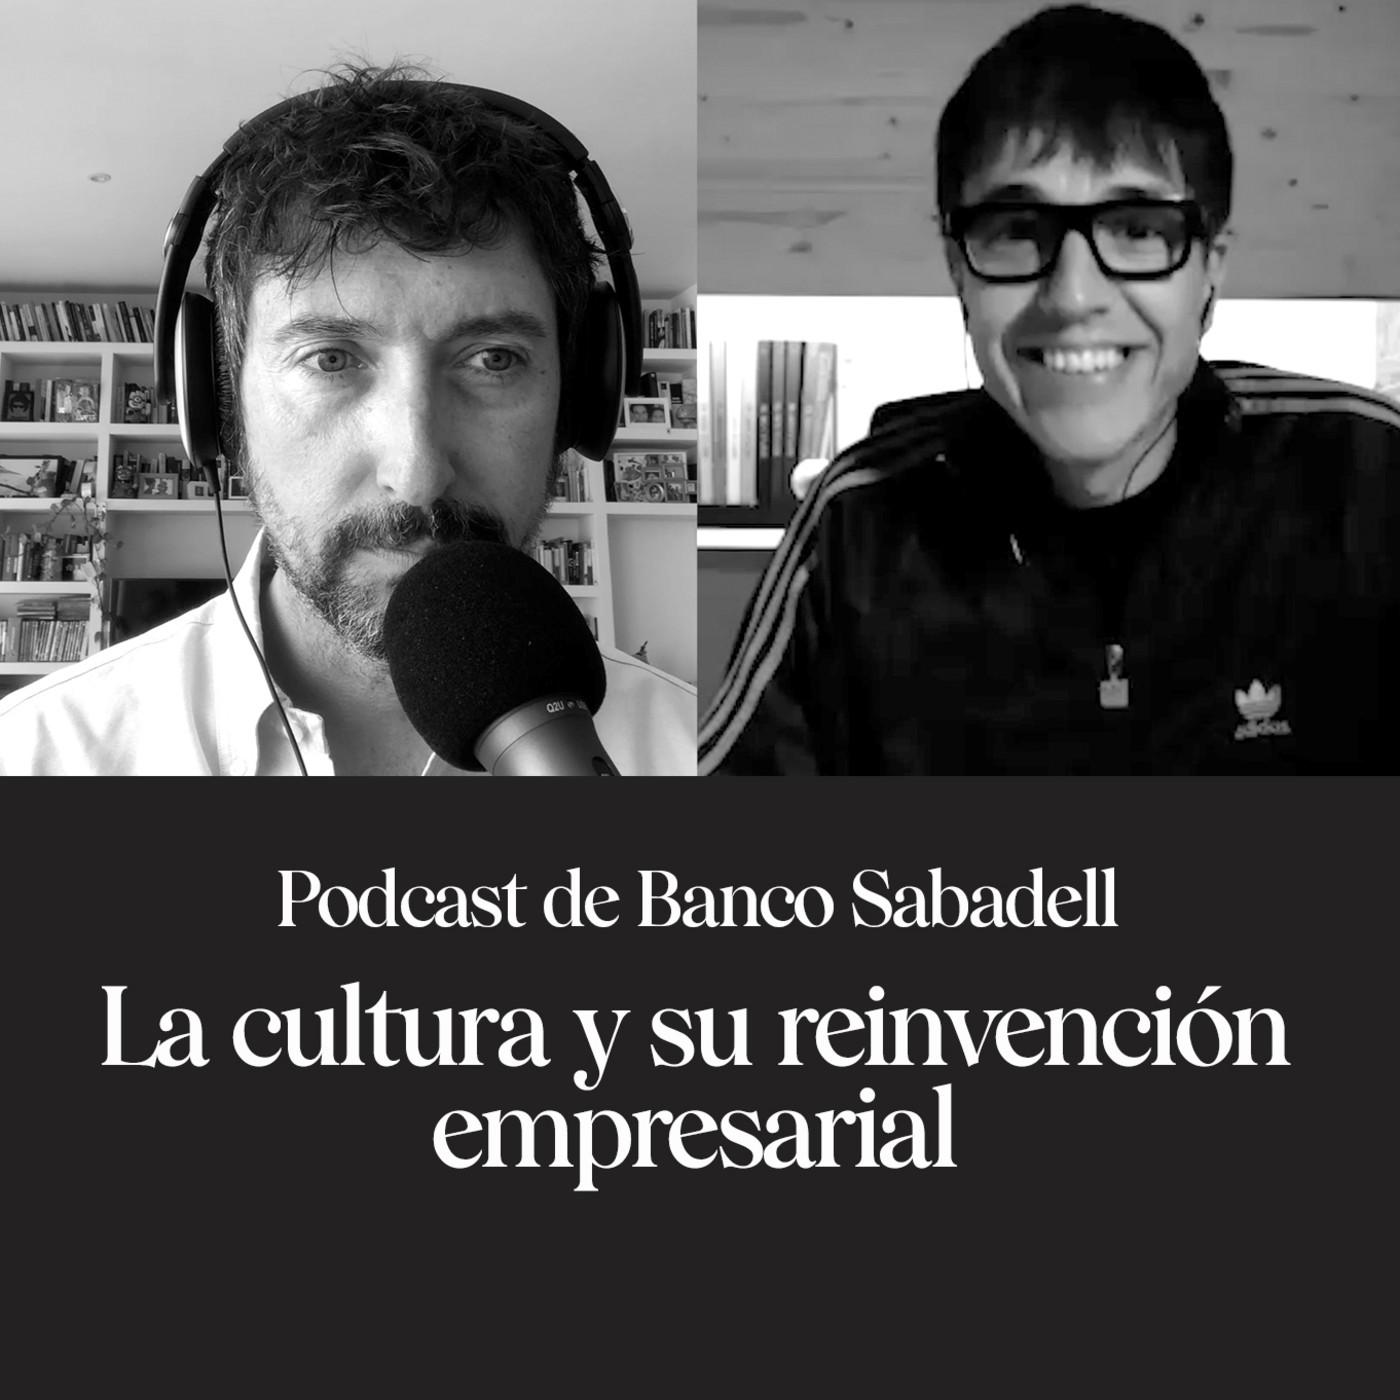 La cultura y su reinvención empresarial